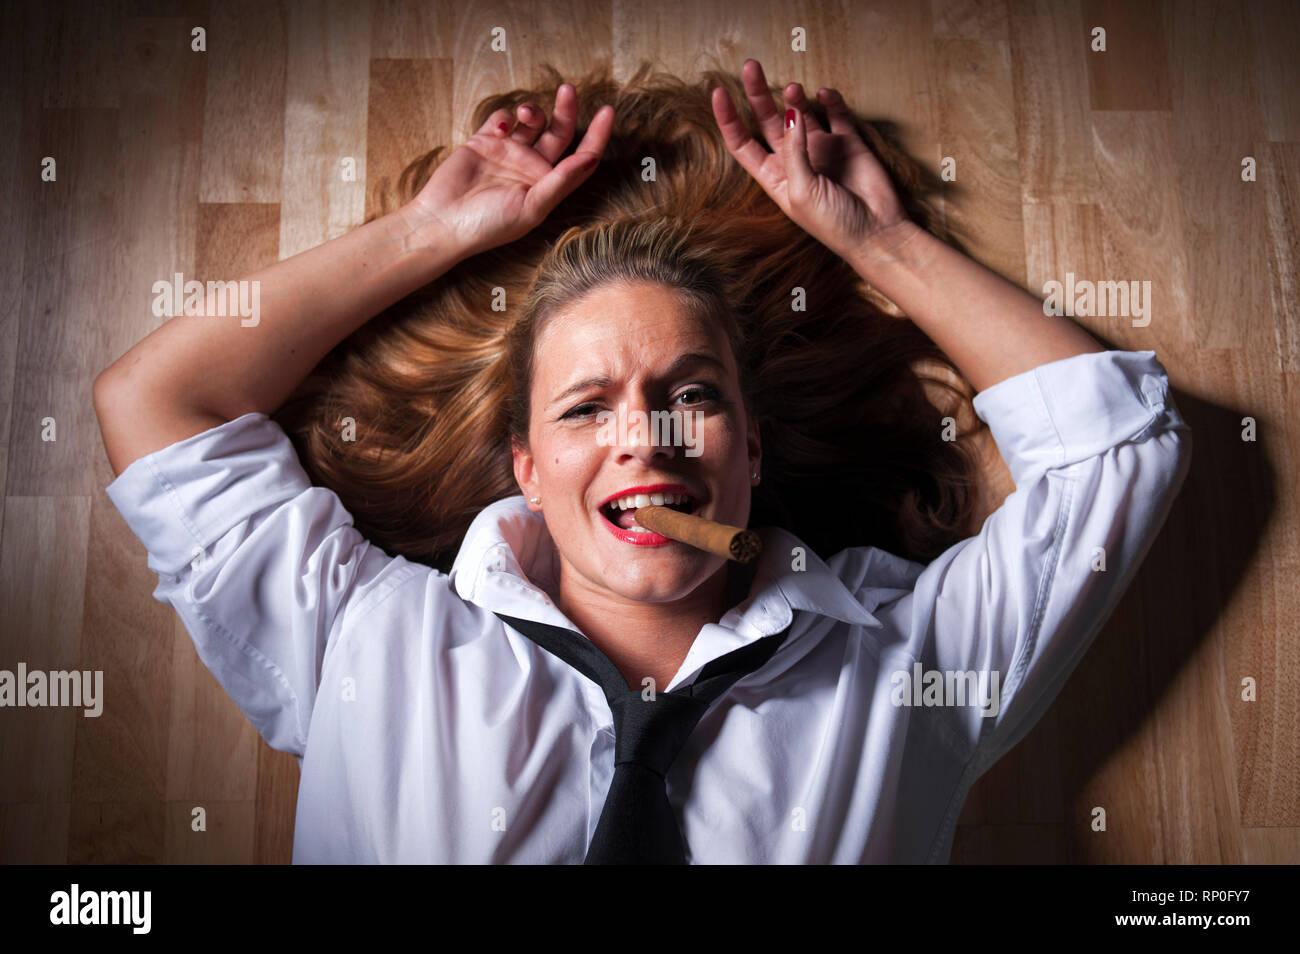 Dunkelblonde Frau mit ausgebreiteten Haaren liegt rauchend auf dem Boden. Sie traegt ein weisses Maennerhemd und eine schwarze Krawatte. MR:YES PR:YES - Stock Image